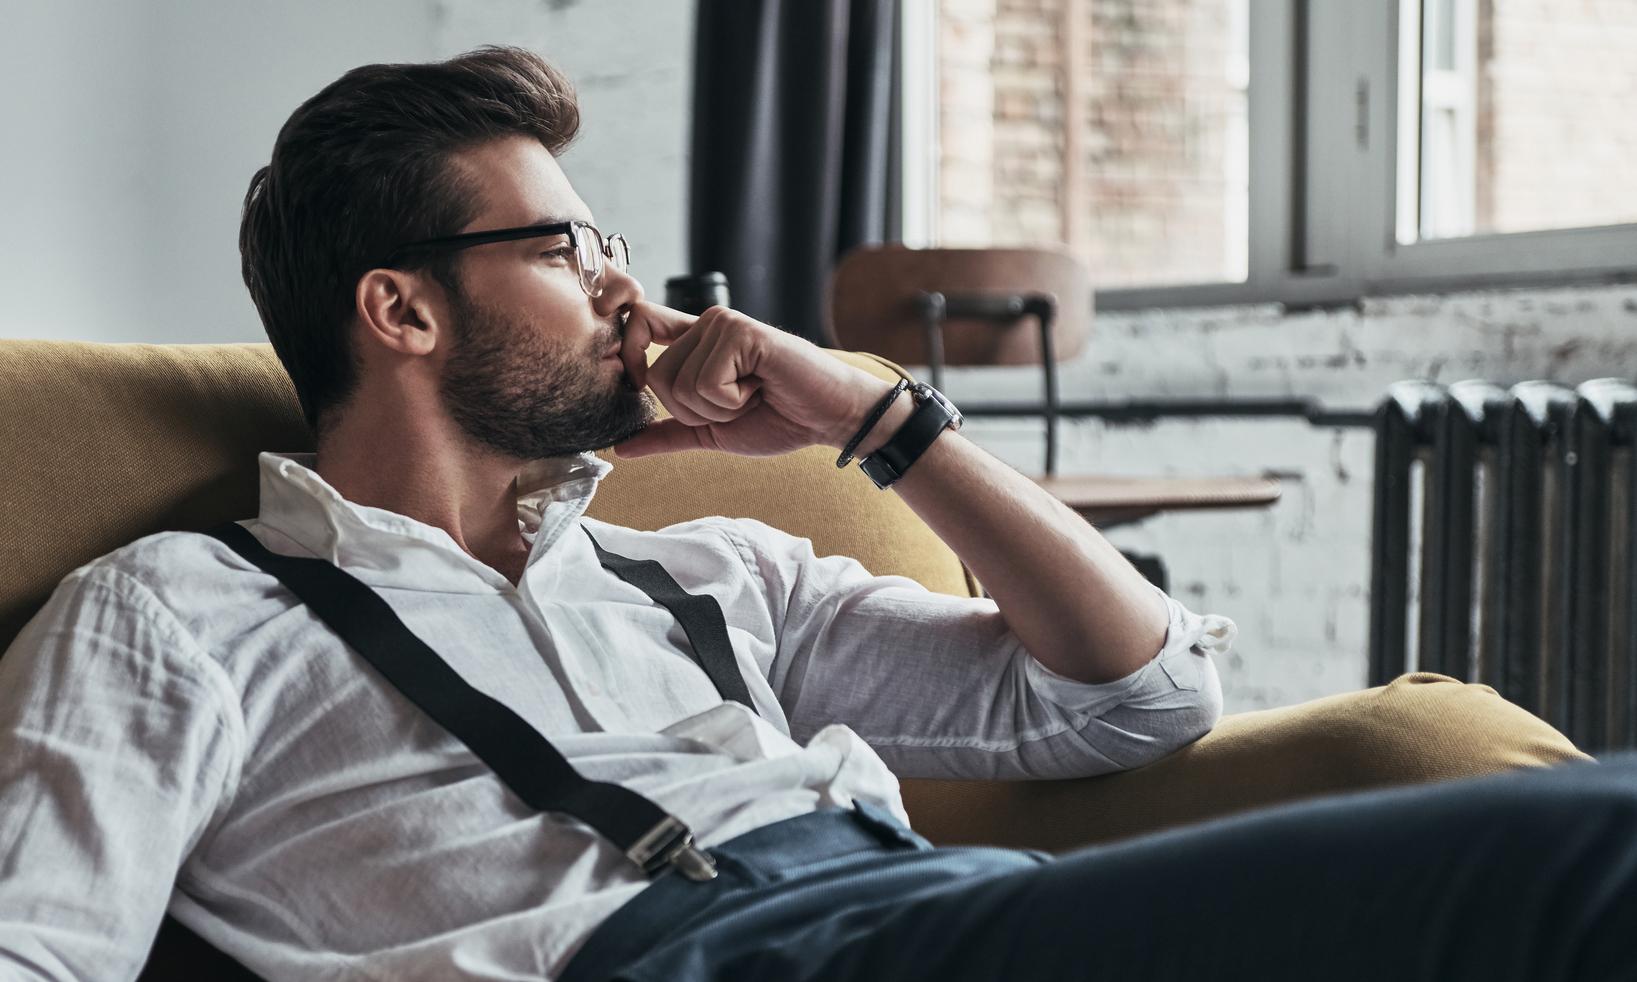 Почему мужчины не покидают нелюбимых жен и продолжают жить с ними